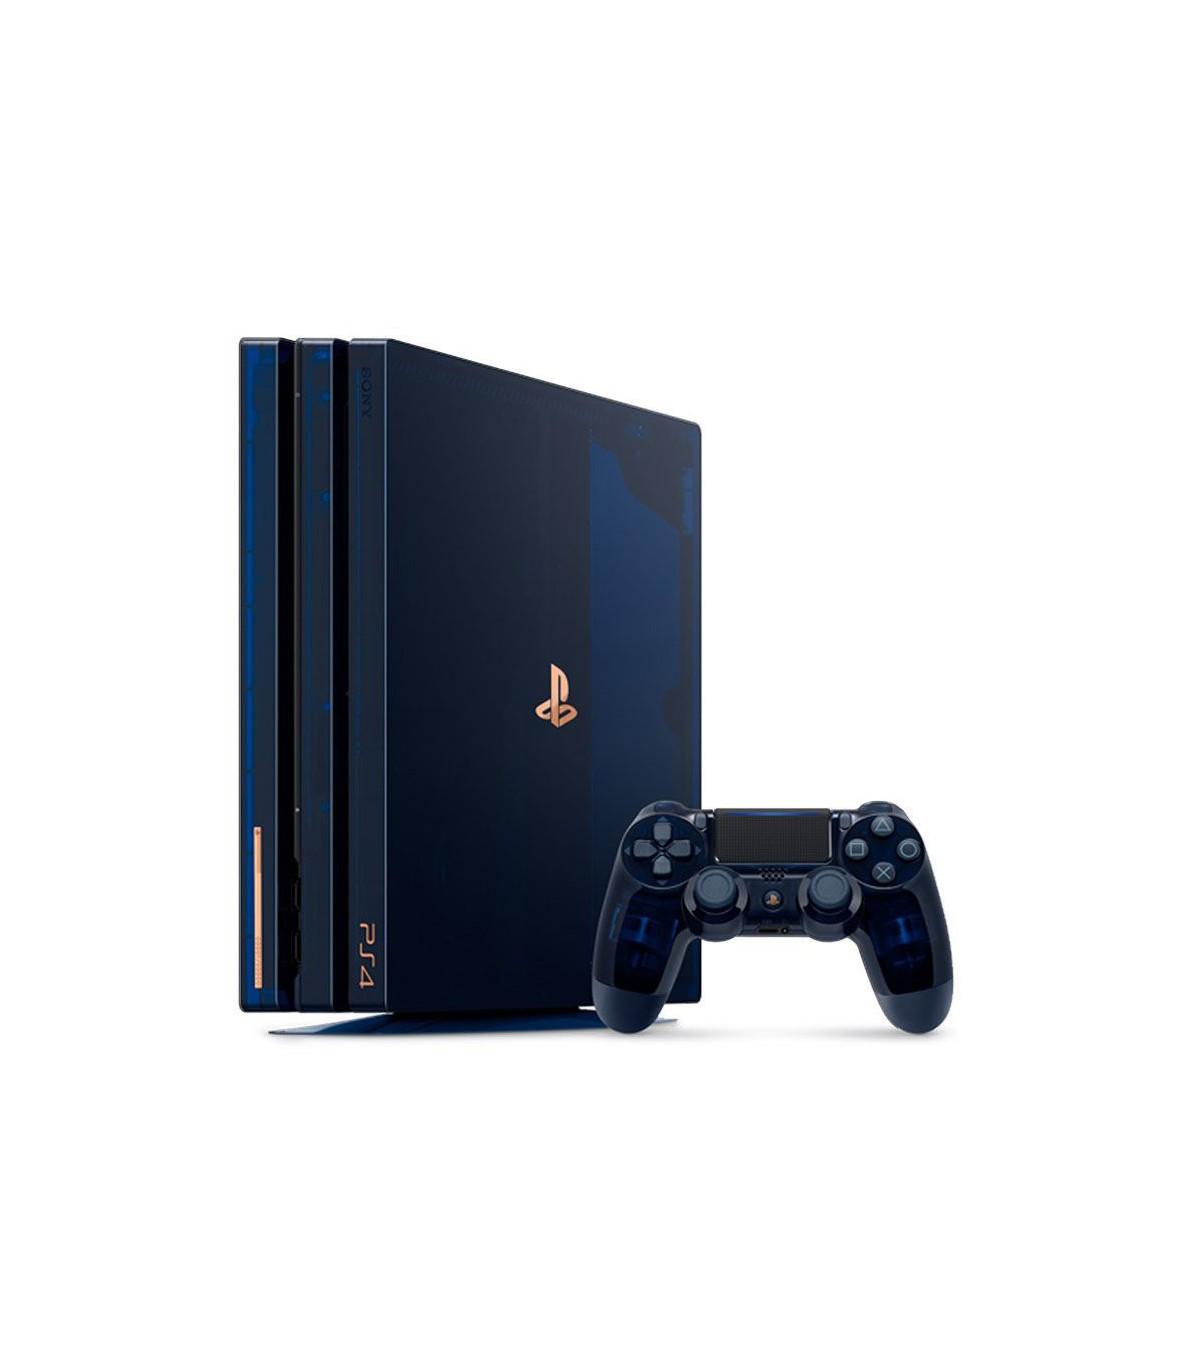 کنسول بازی Playstation 4 Pro 500 Million Limited Edition